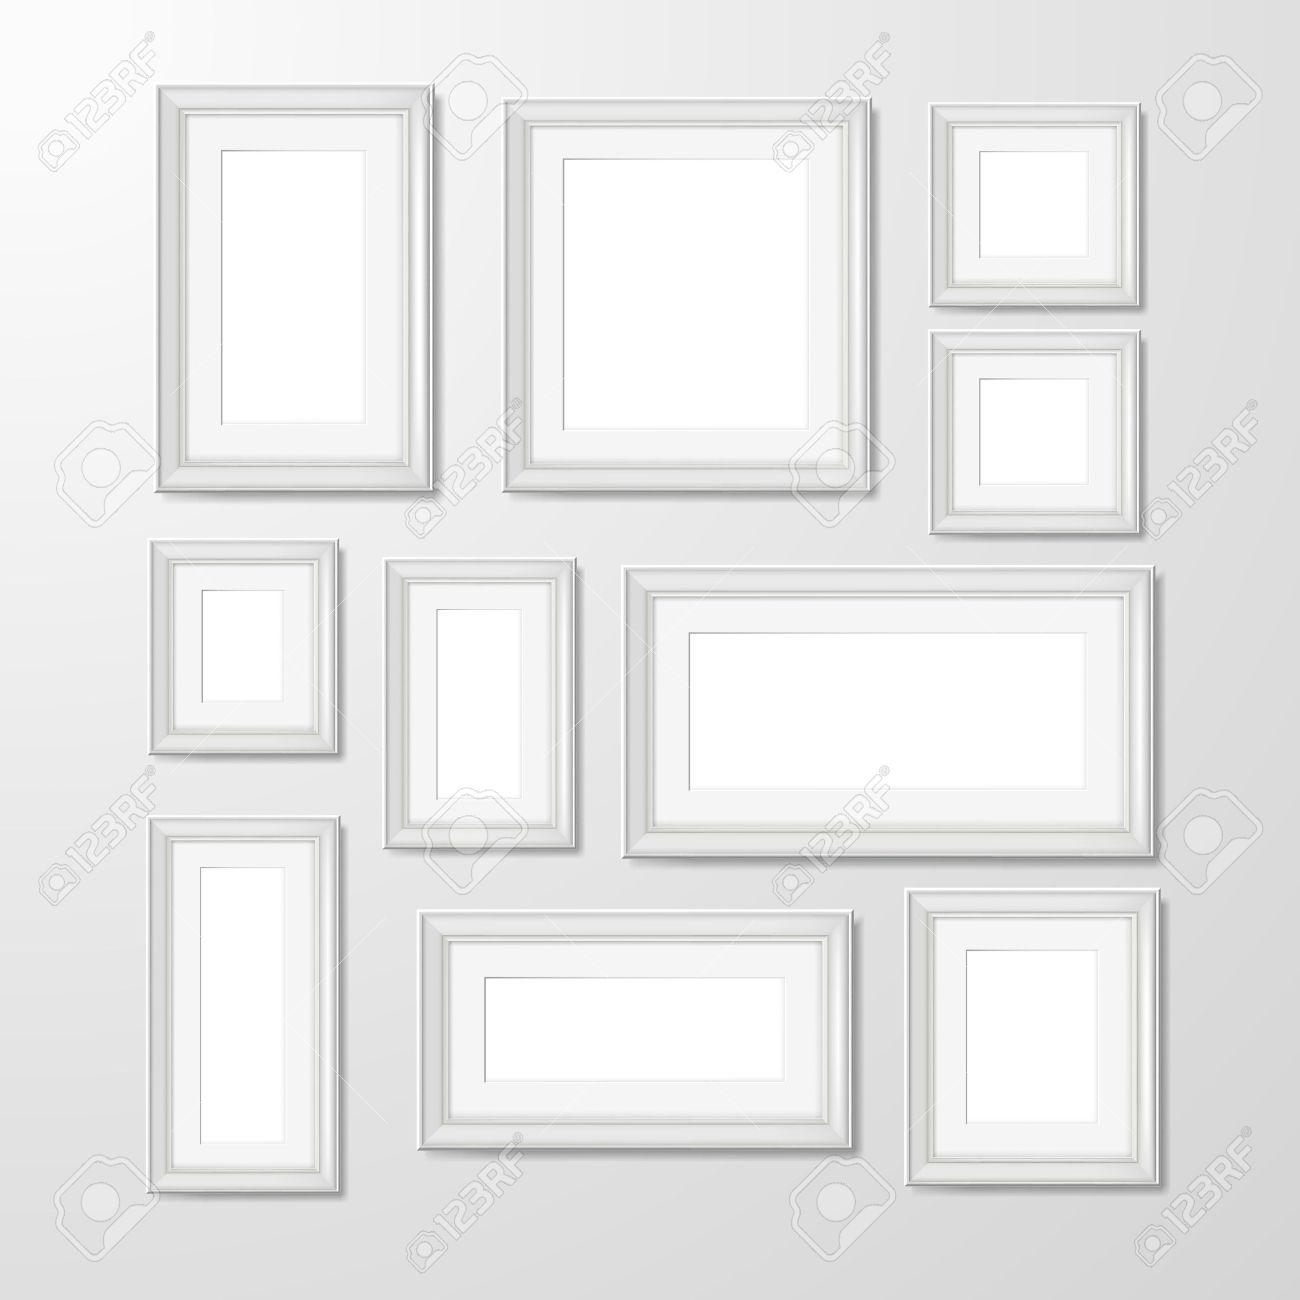 Ausgezeichnet Square Wandrahmen Ideen - Benutzerdefinierte ...